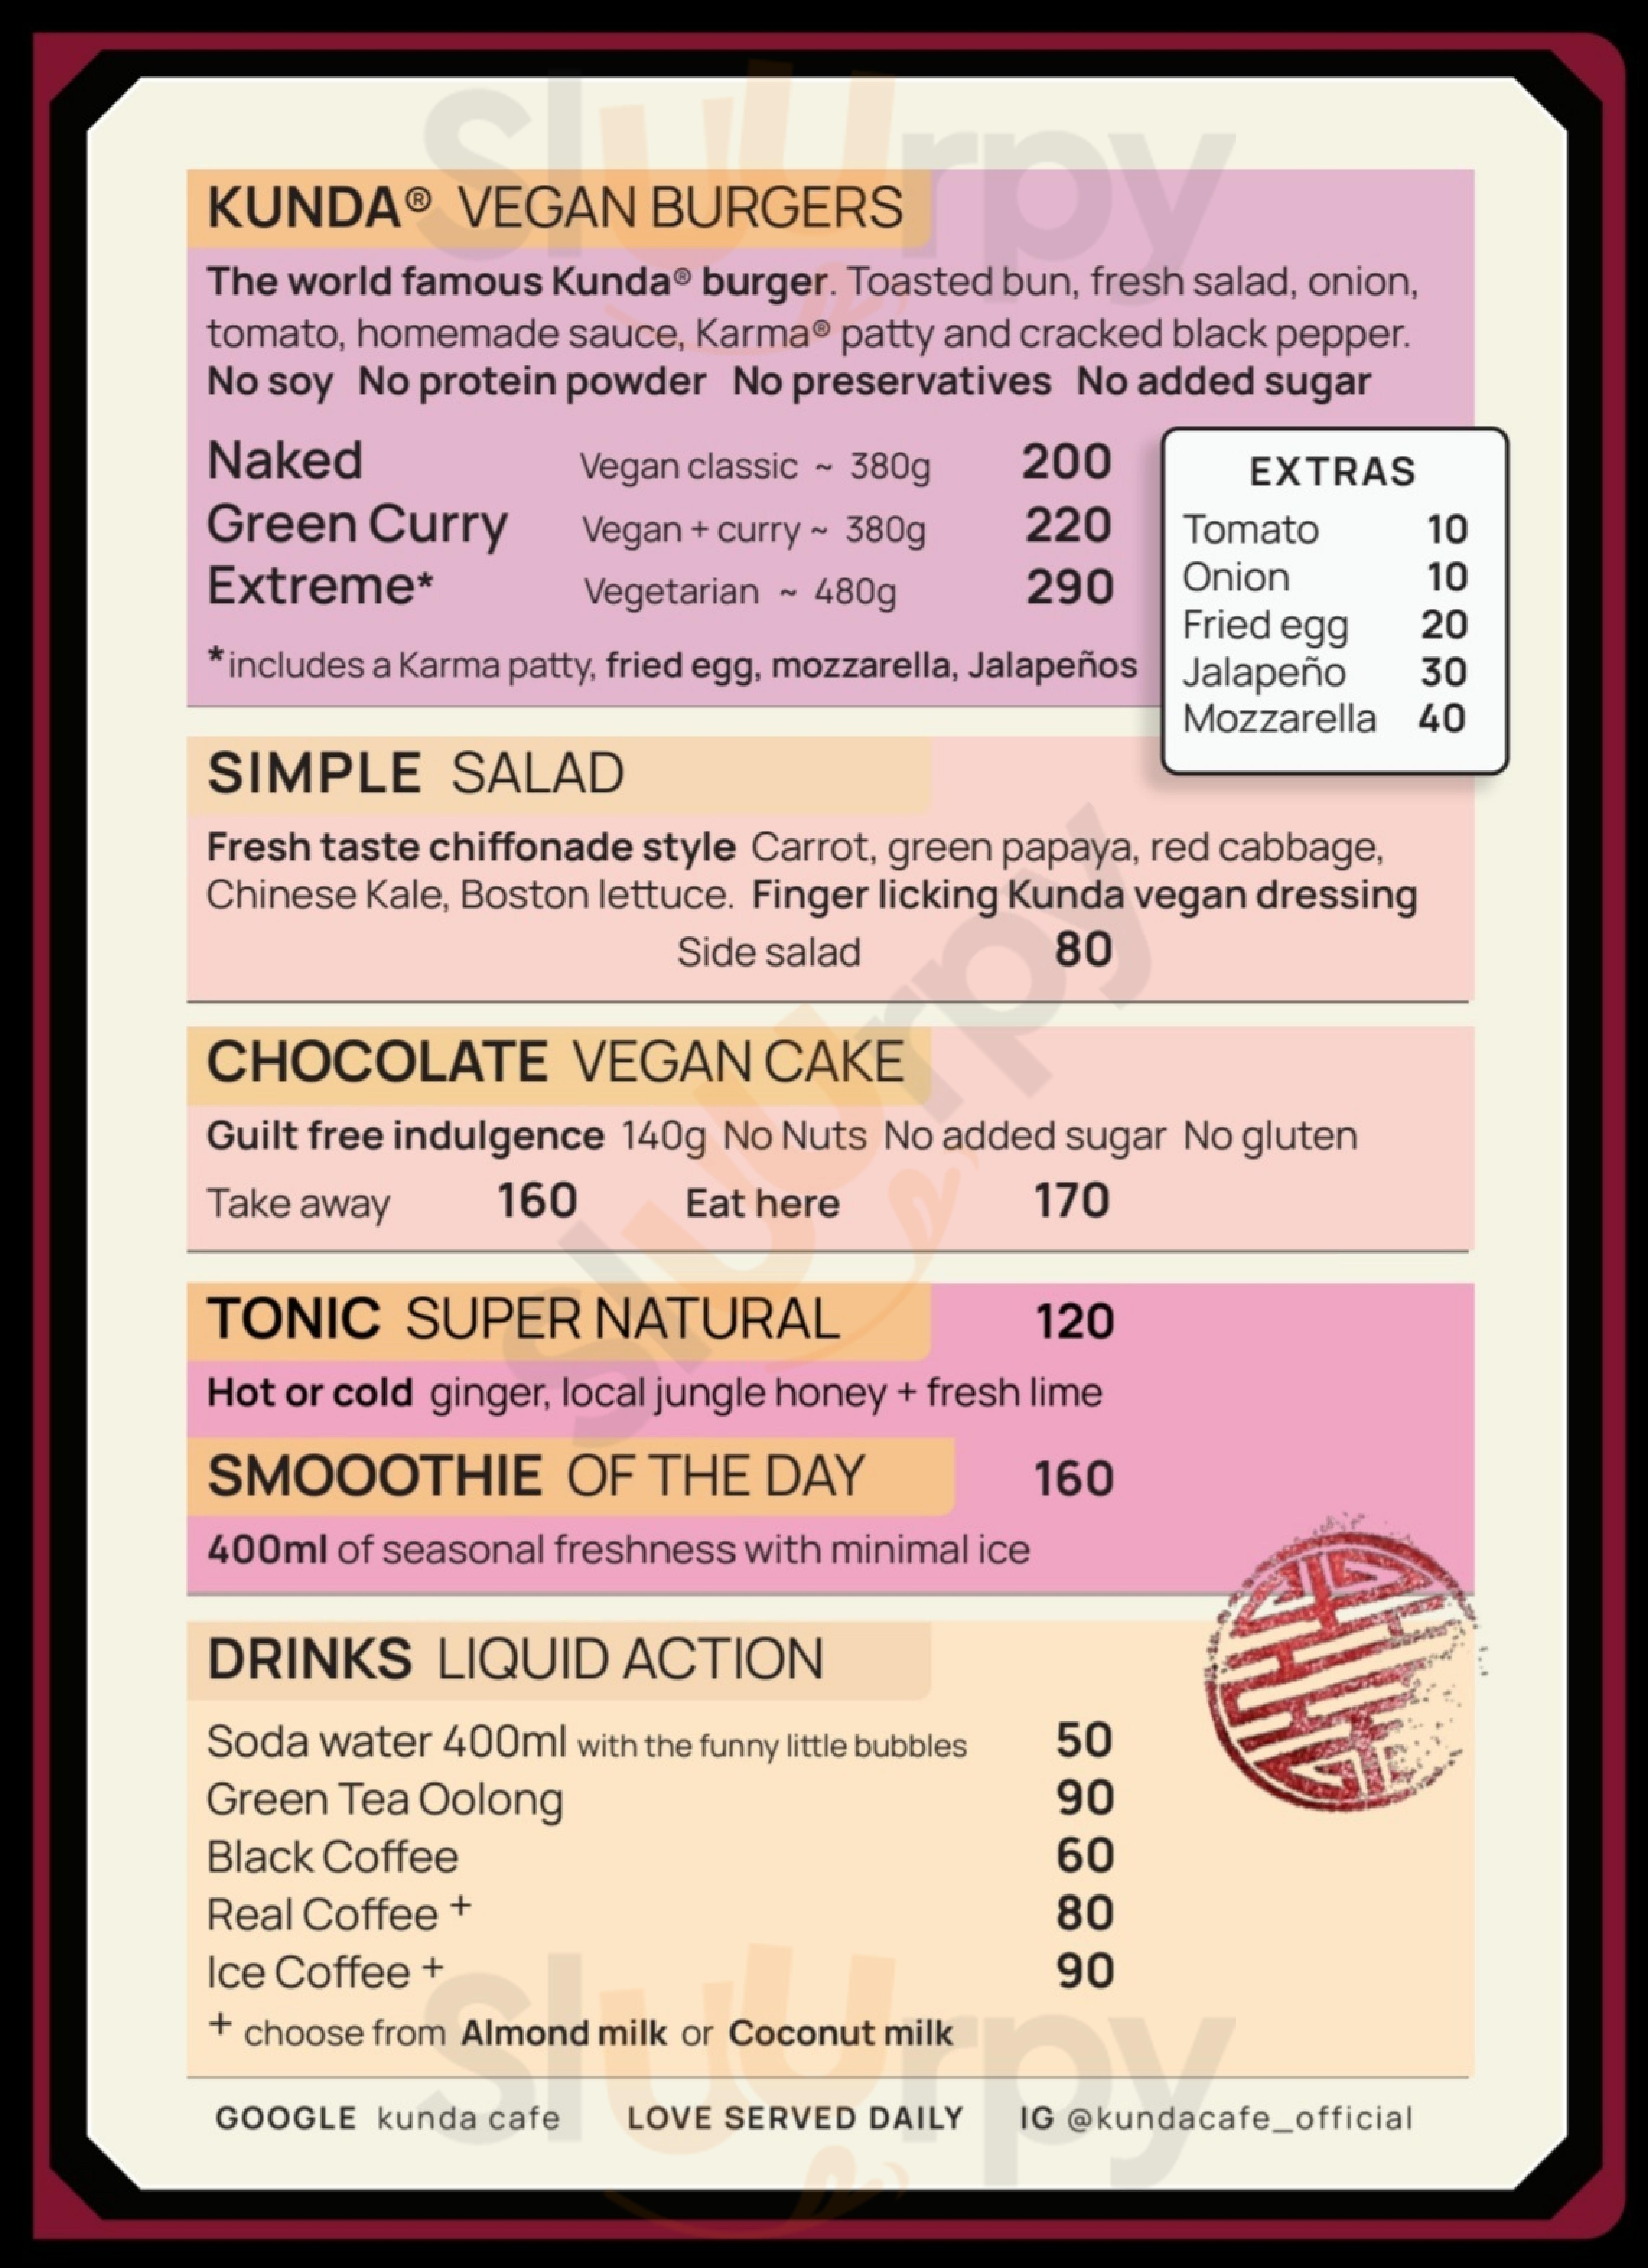 Kunda Vegan Vegetarian Chiang Rai เมืองเชียงราย Menu - 1